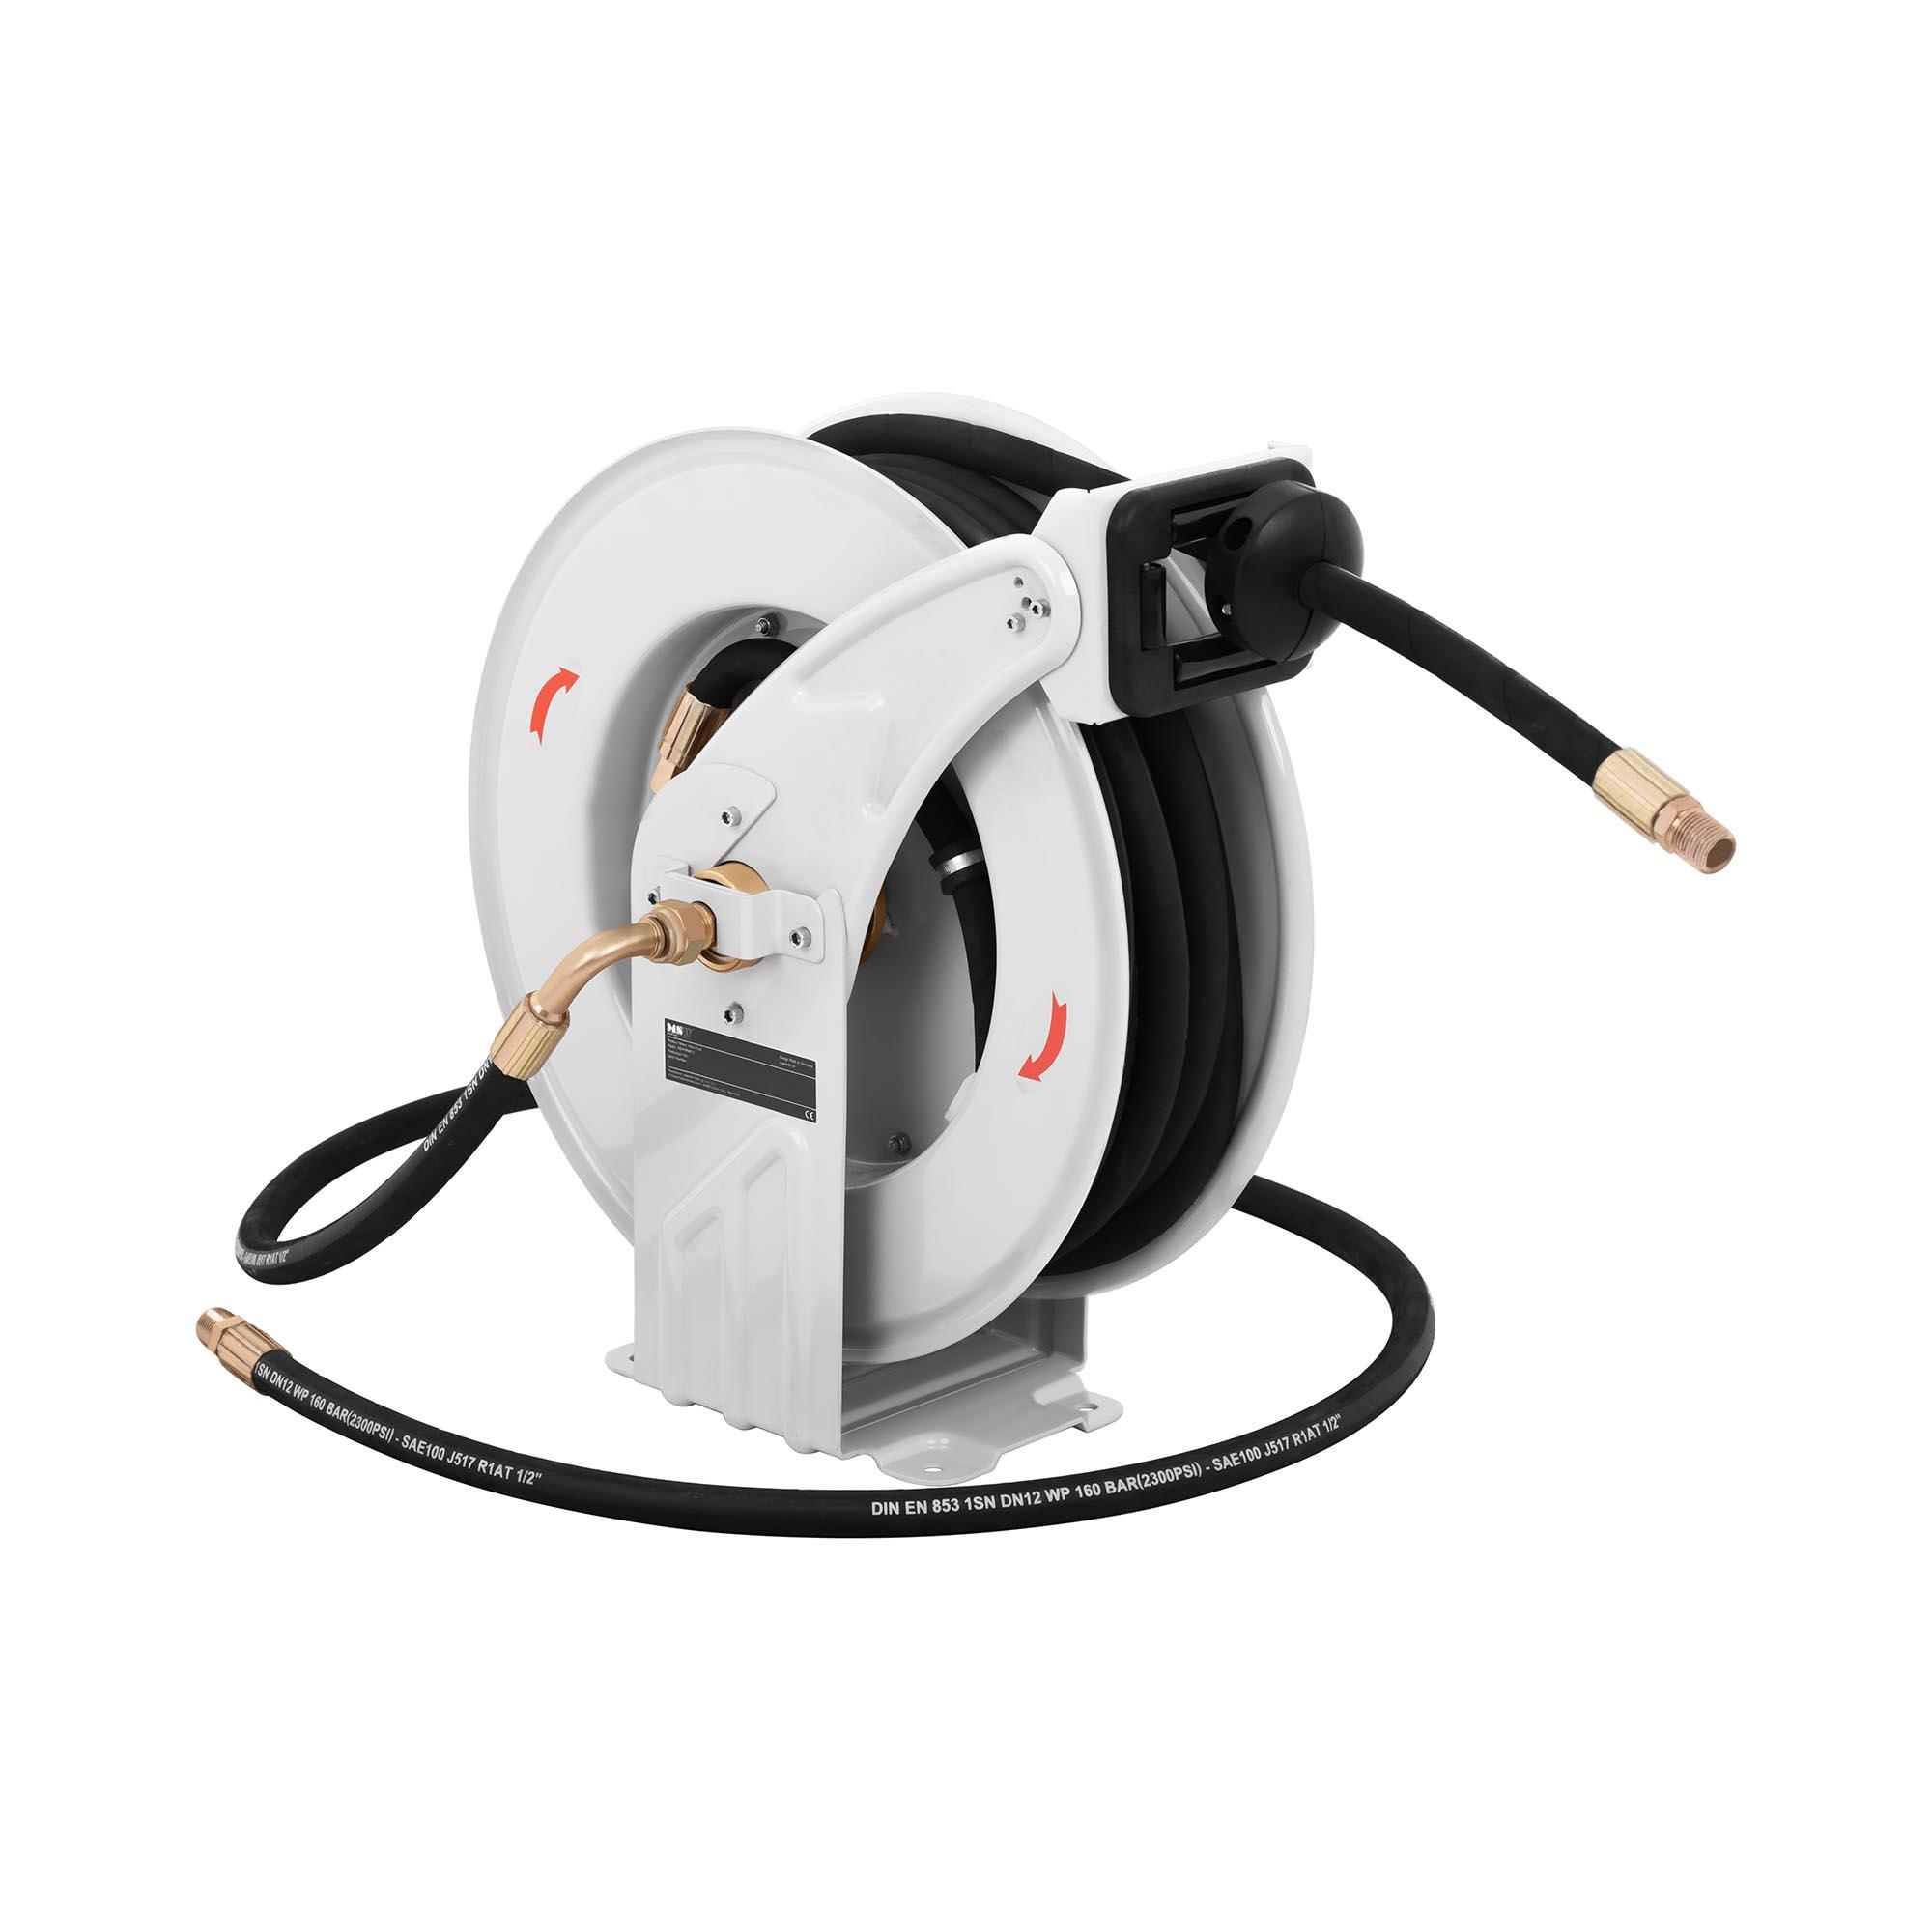 MSW Hochdruck-Schlauchtrommel - 15 m - 180 bar 10060832